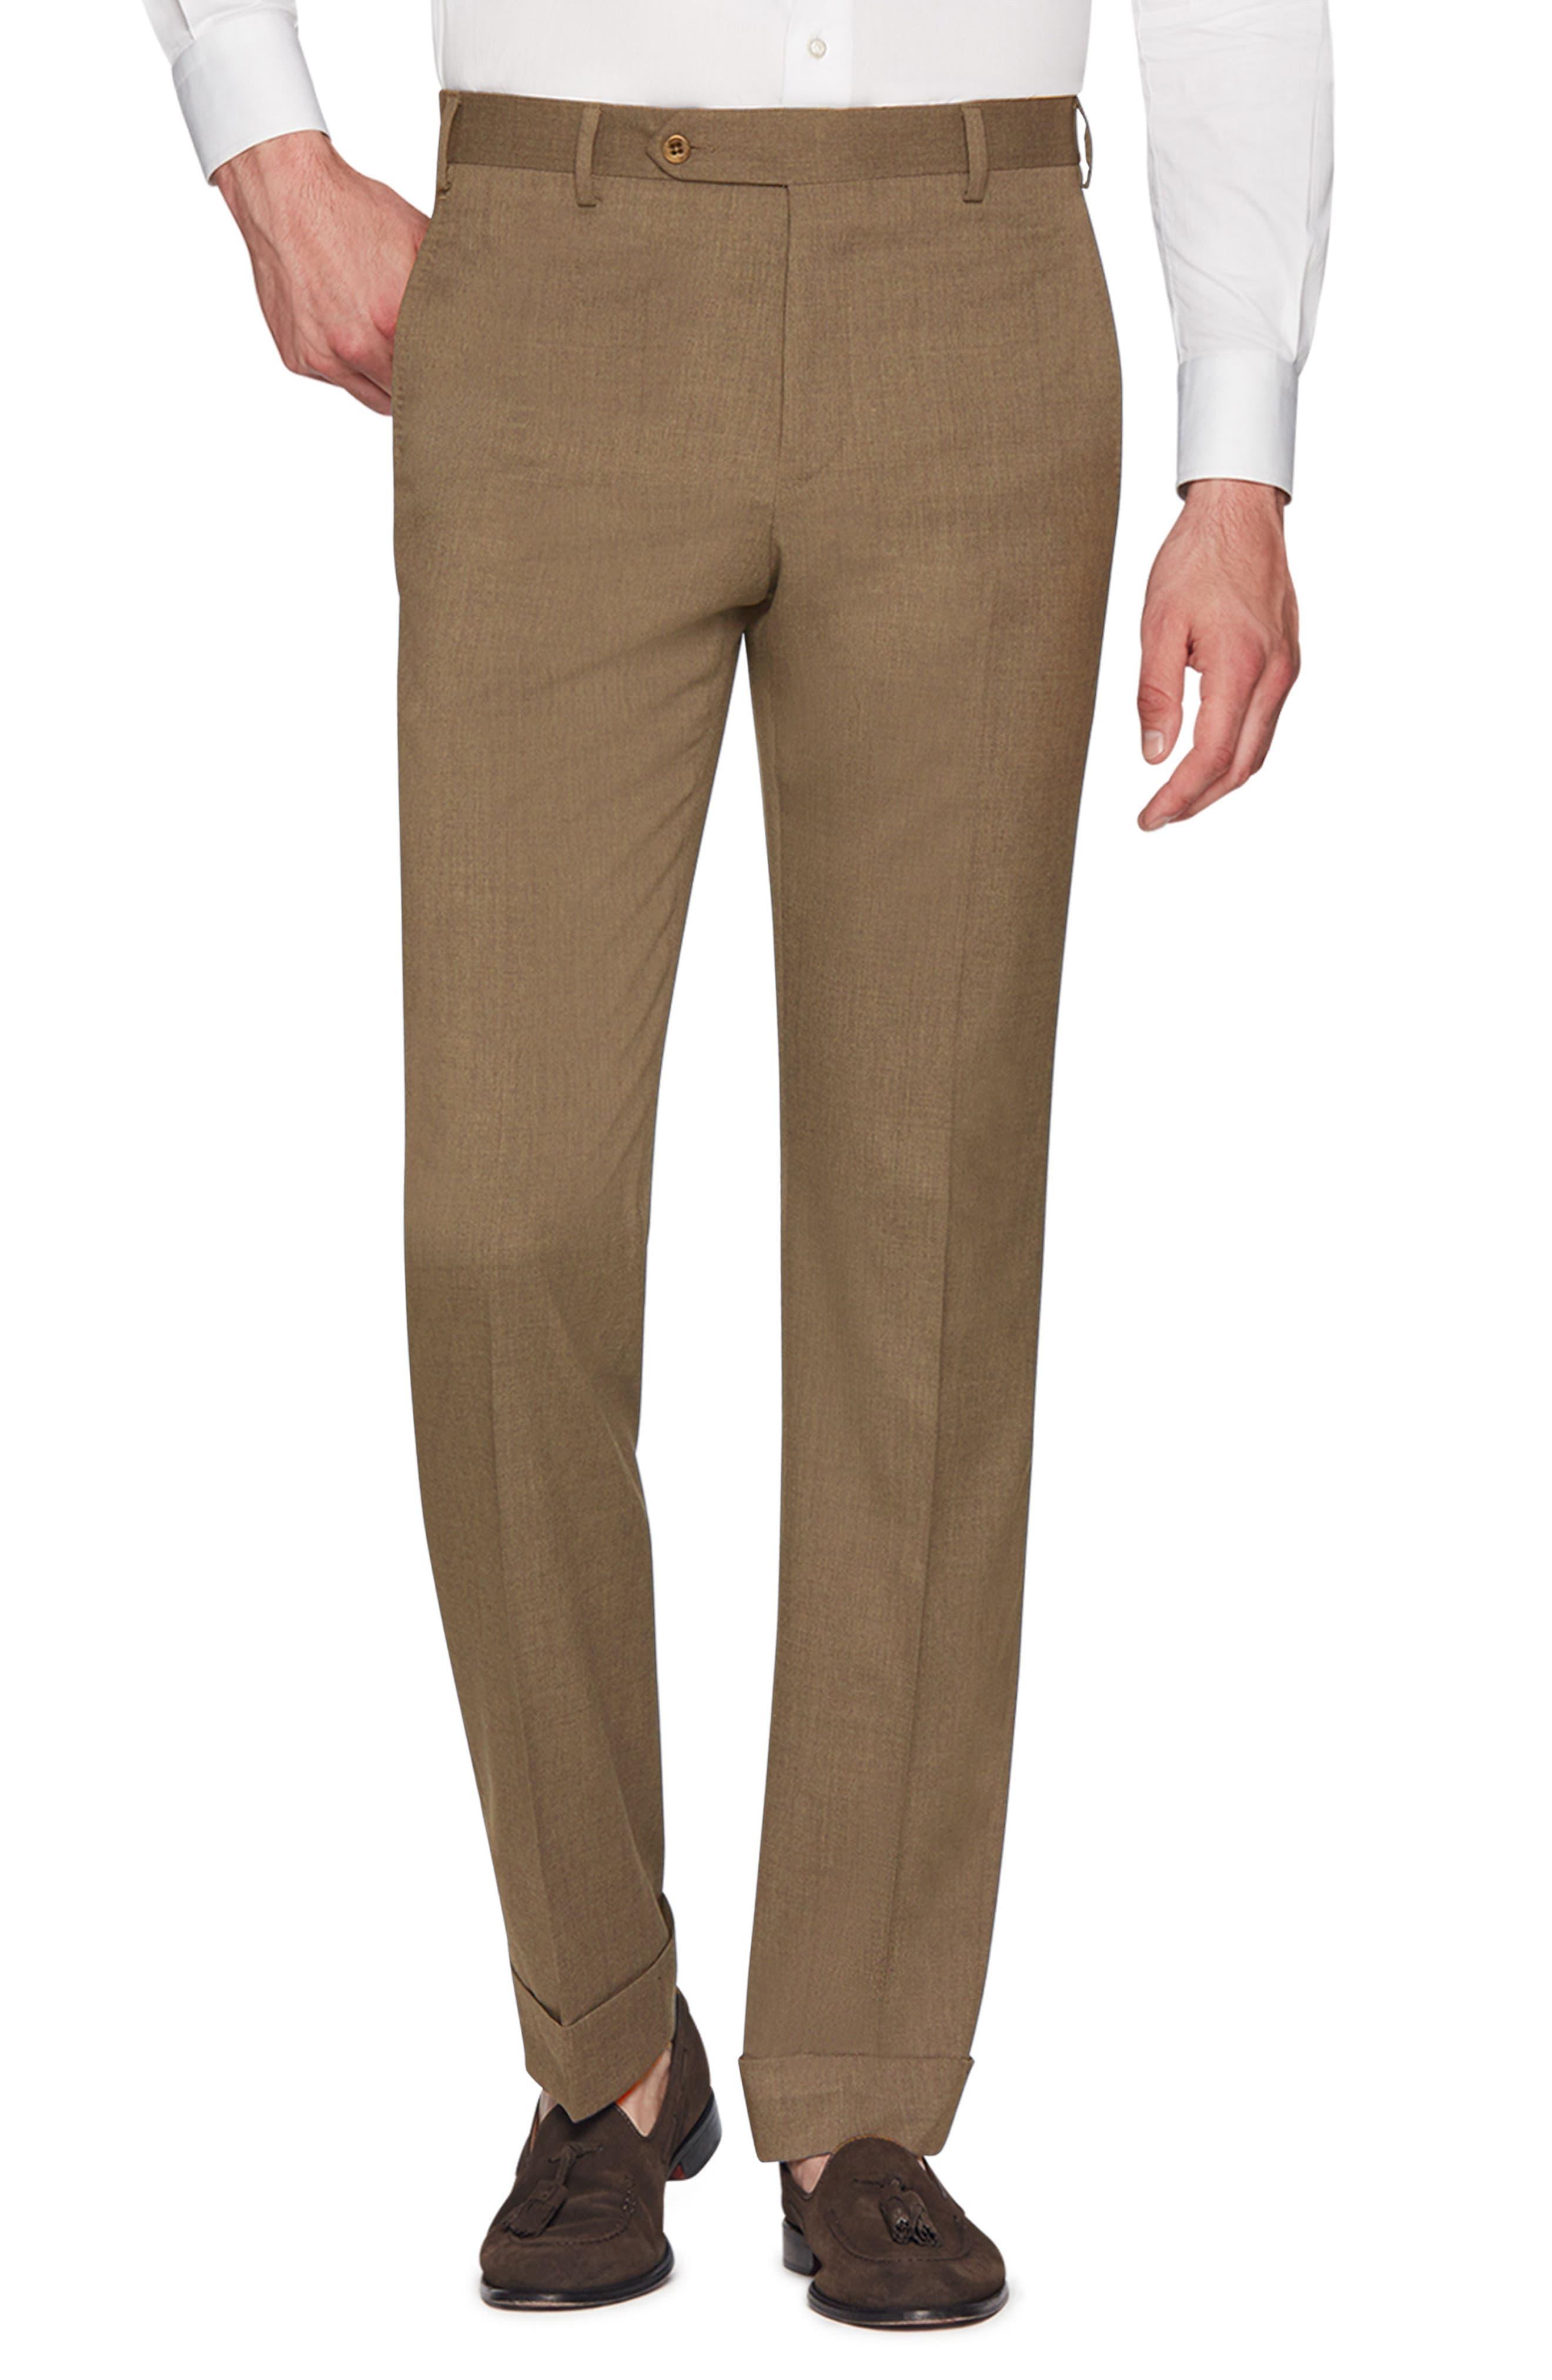 ZANELLA Devon Flat Front Stretch Solid Wool Trousers in Tan